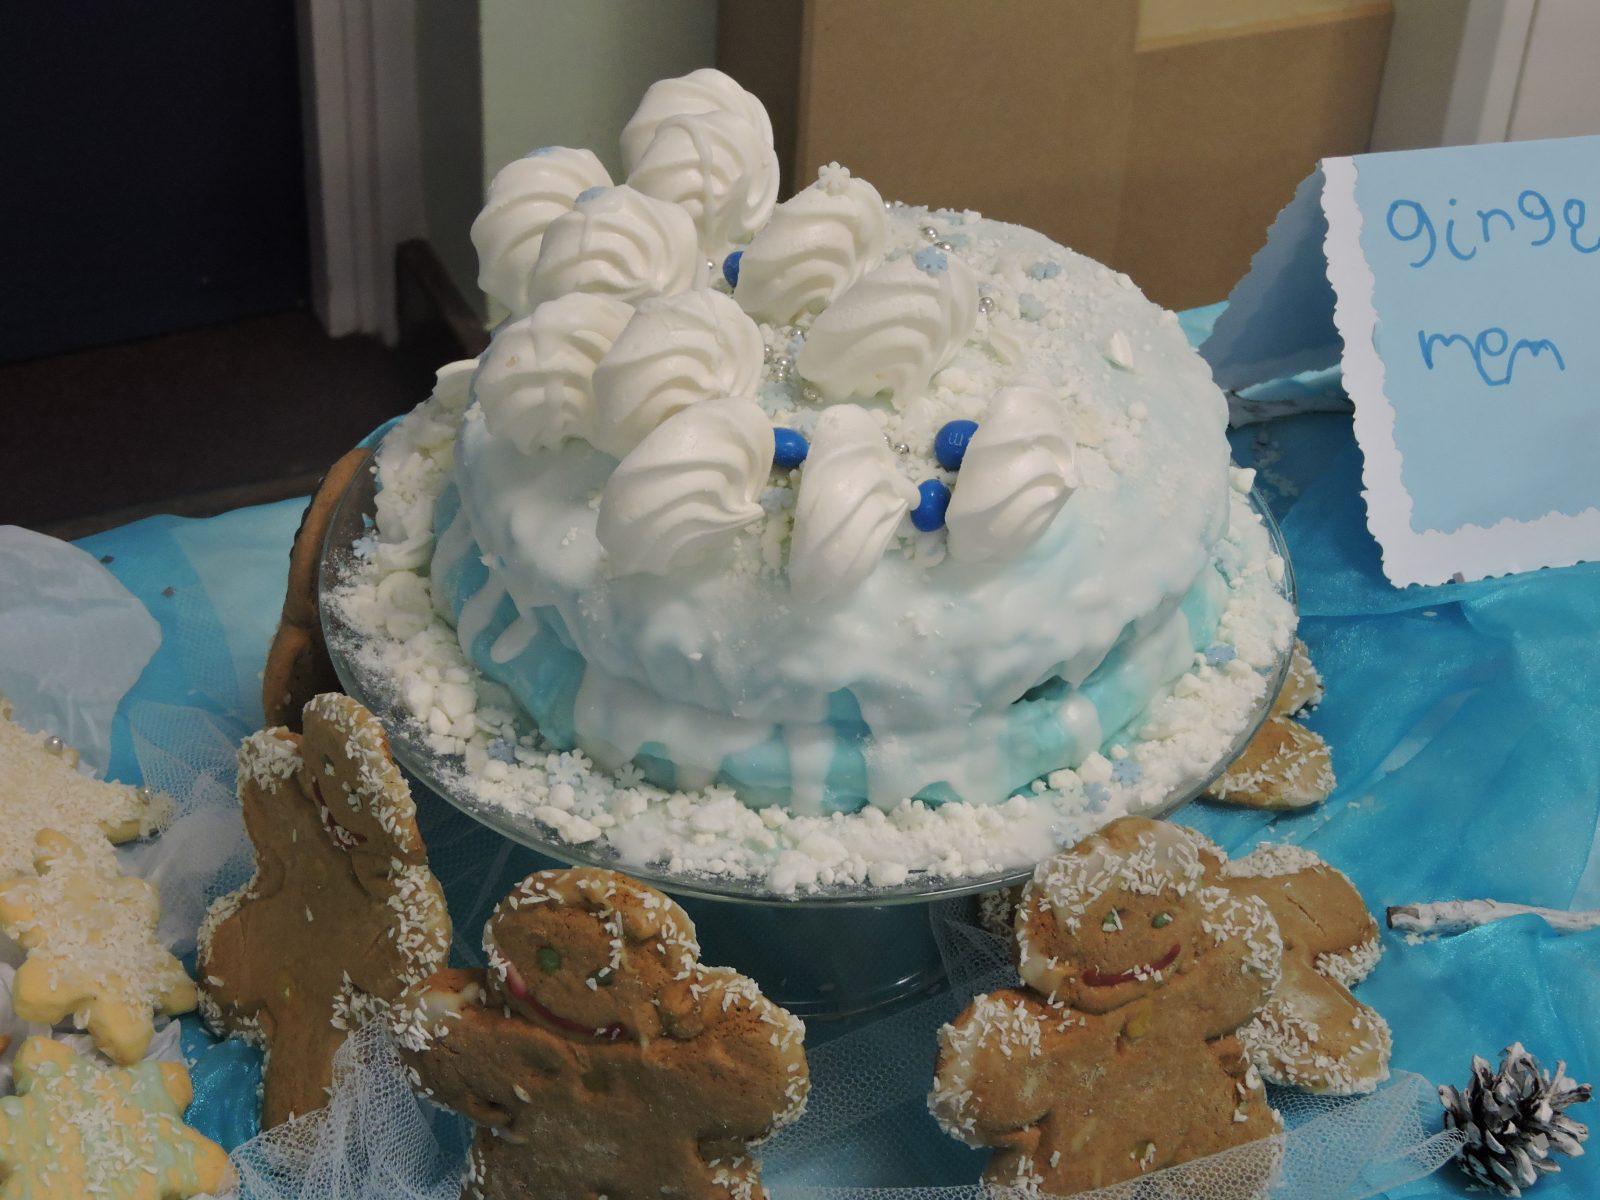 Bakes, Cakes, & Snowflakes!